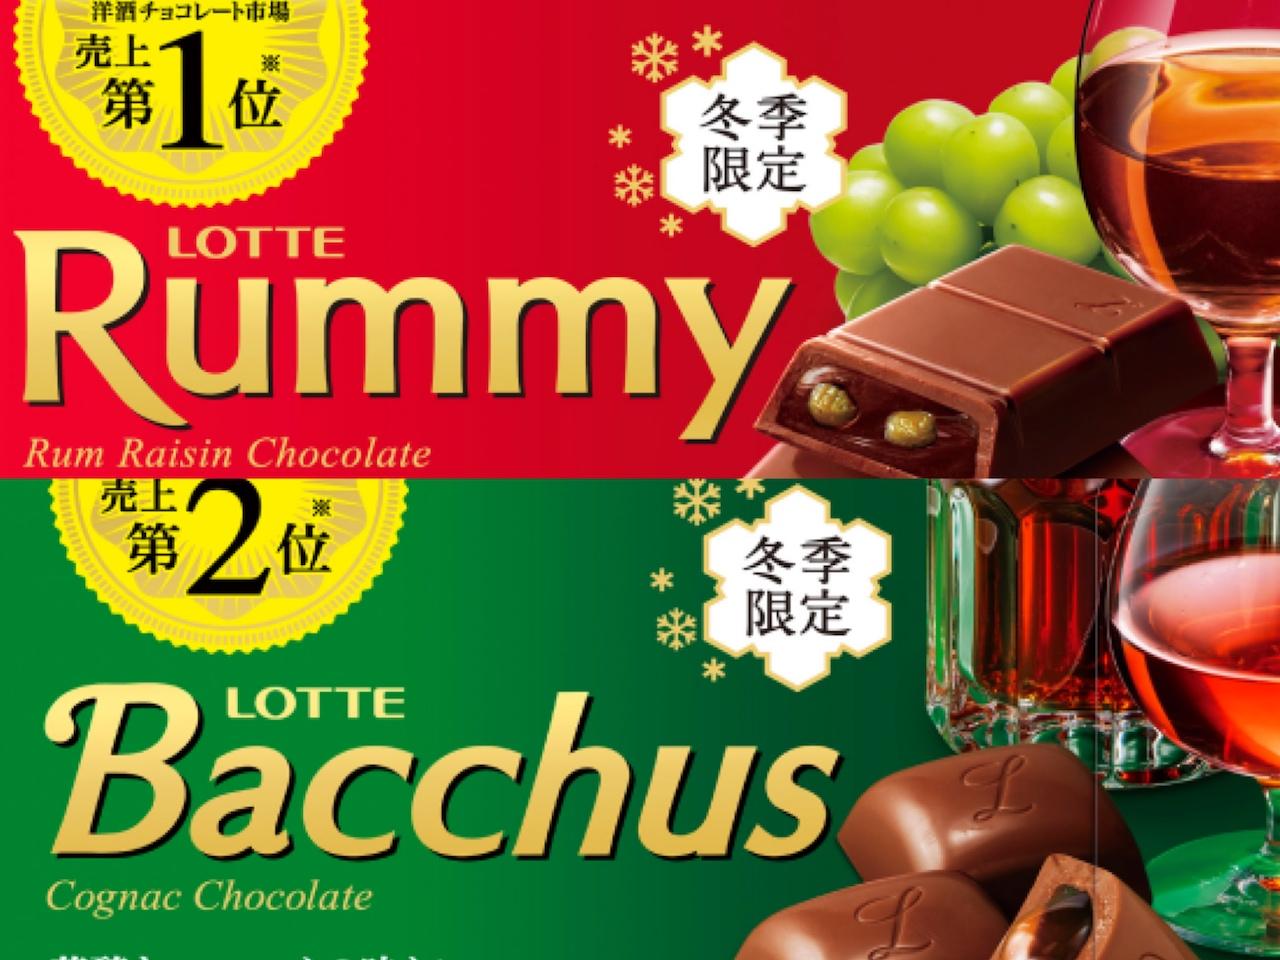 【冬季限定❄️】ロングセラー洋酒チョコ『ラミー』『バッカス』が今年も登場🥂💜